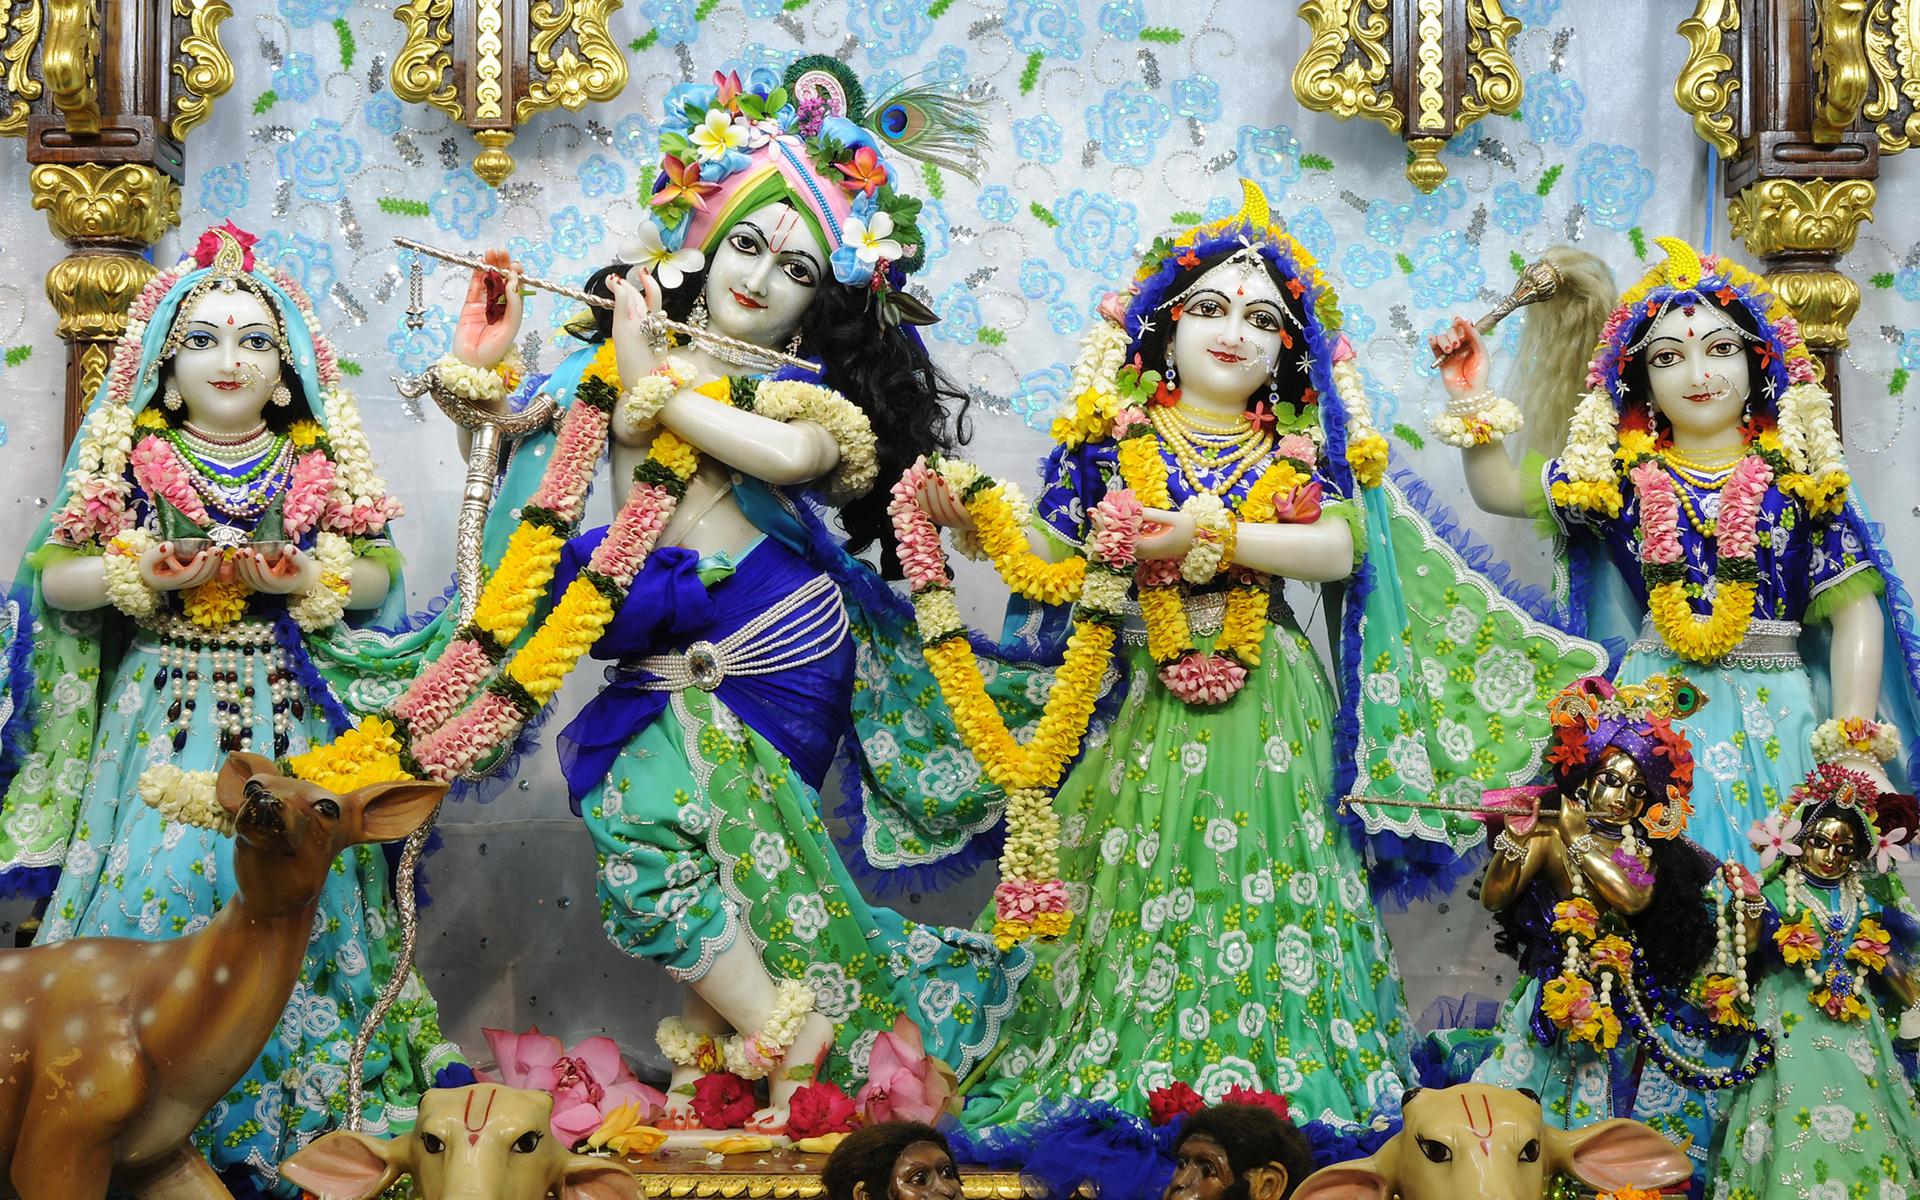 Sri Sri Radha Gopinath Lalita Vishakha Wallpaper (069) Size 1920x1200 Download